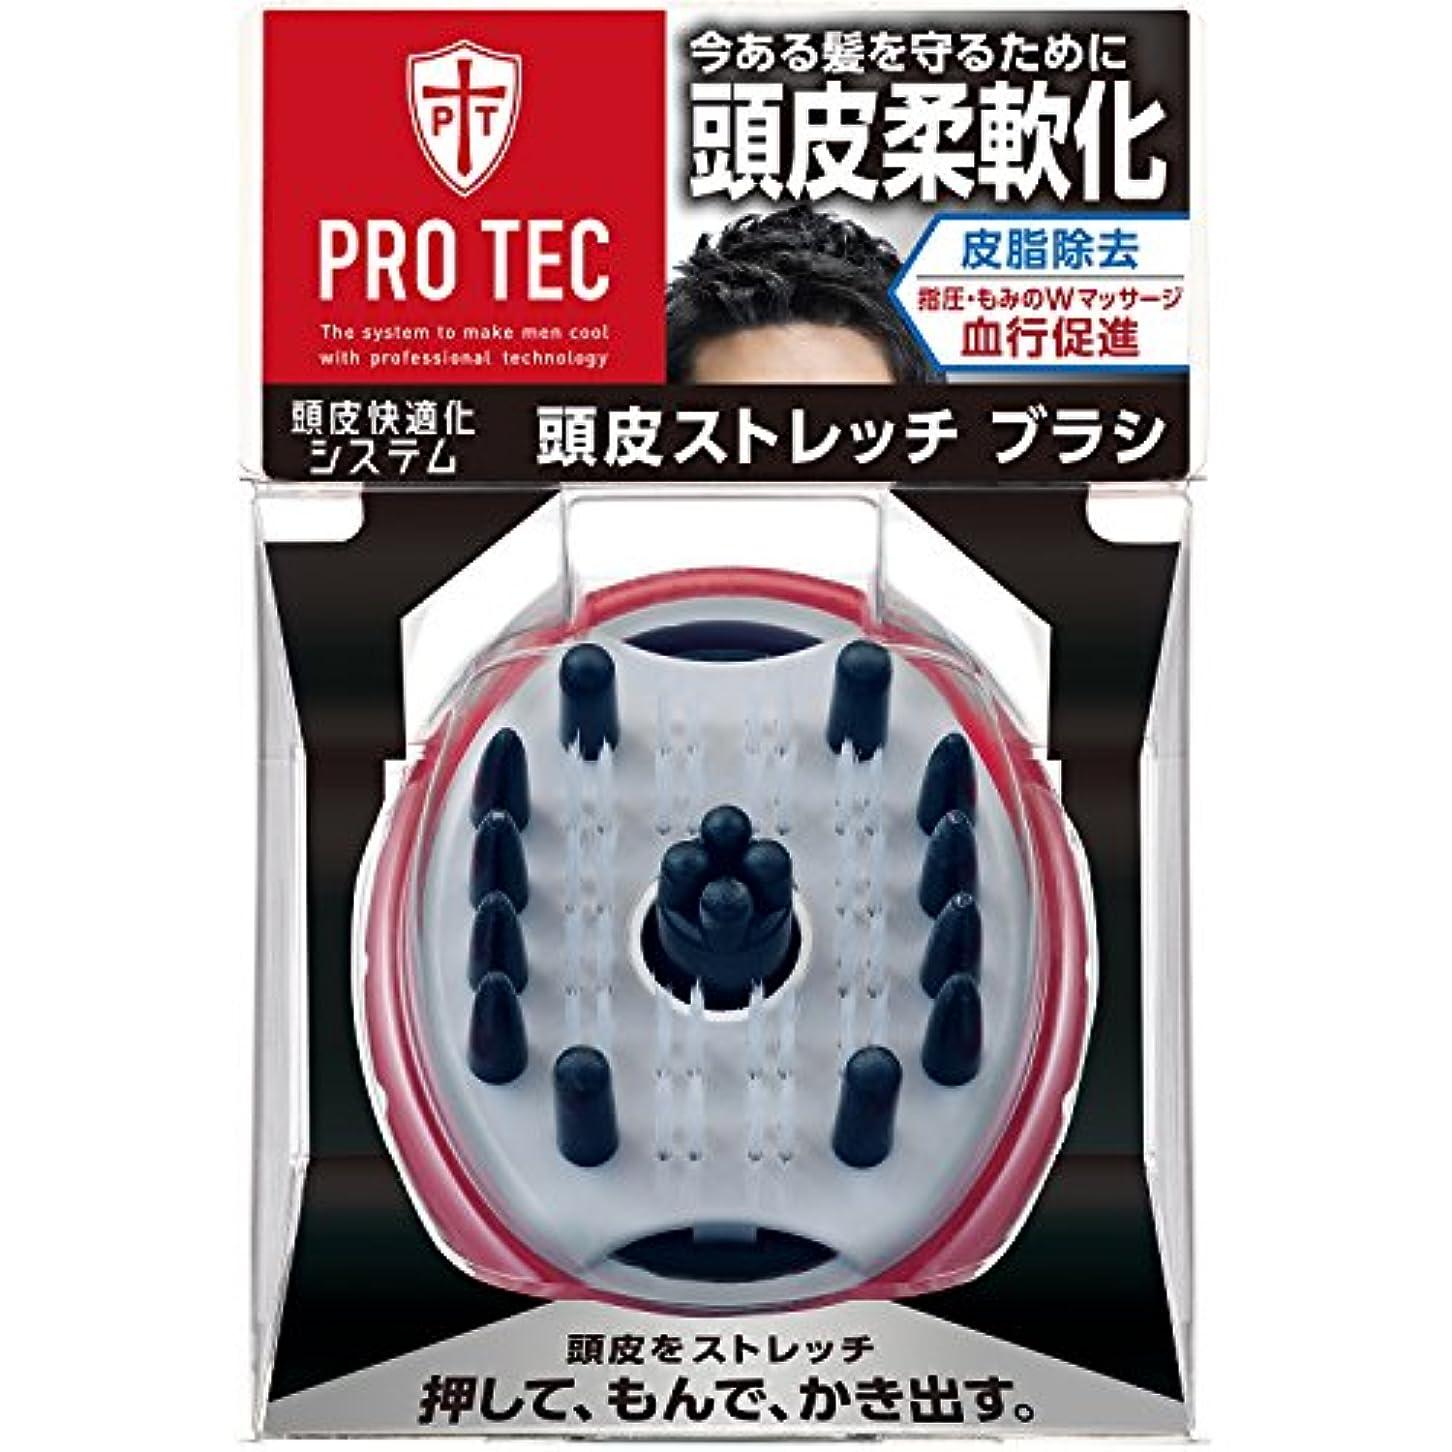 慈悲発動機こするPRO TEC(プロテク) ウォッシングブラシ 頭皮ストレッチタイプ